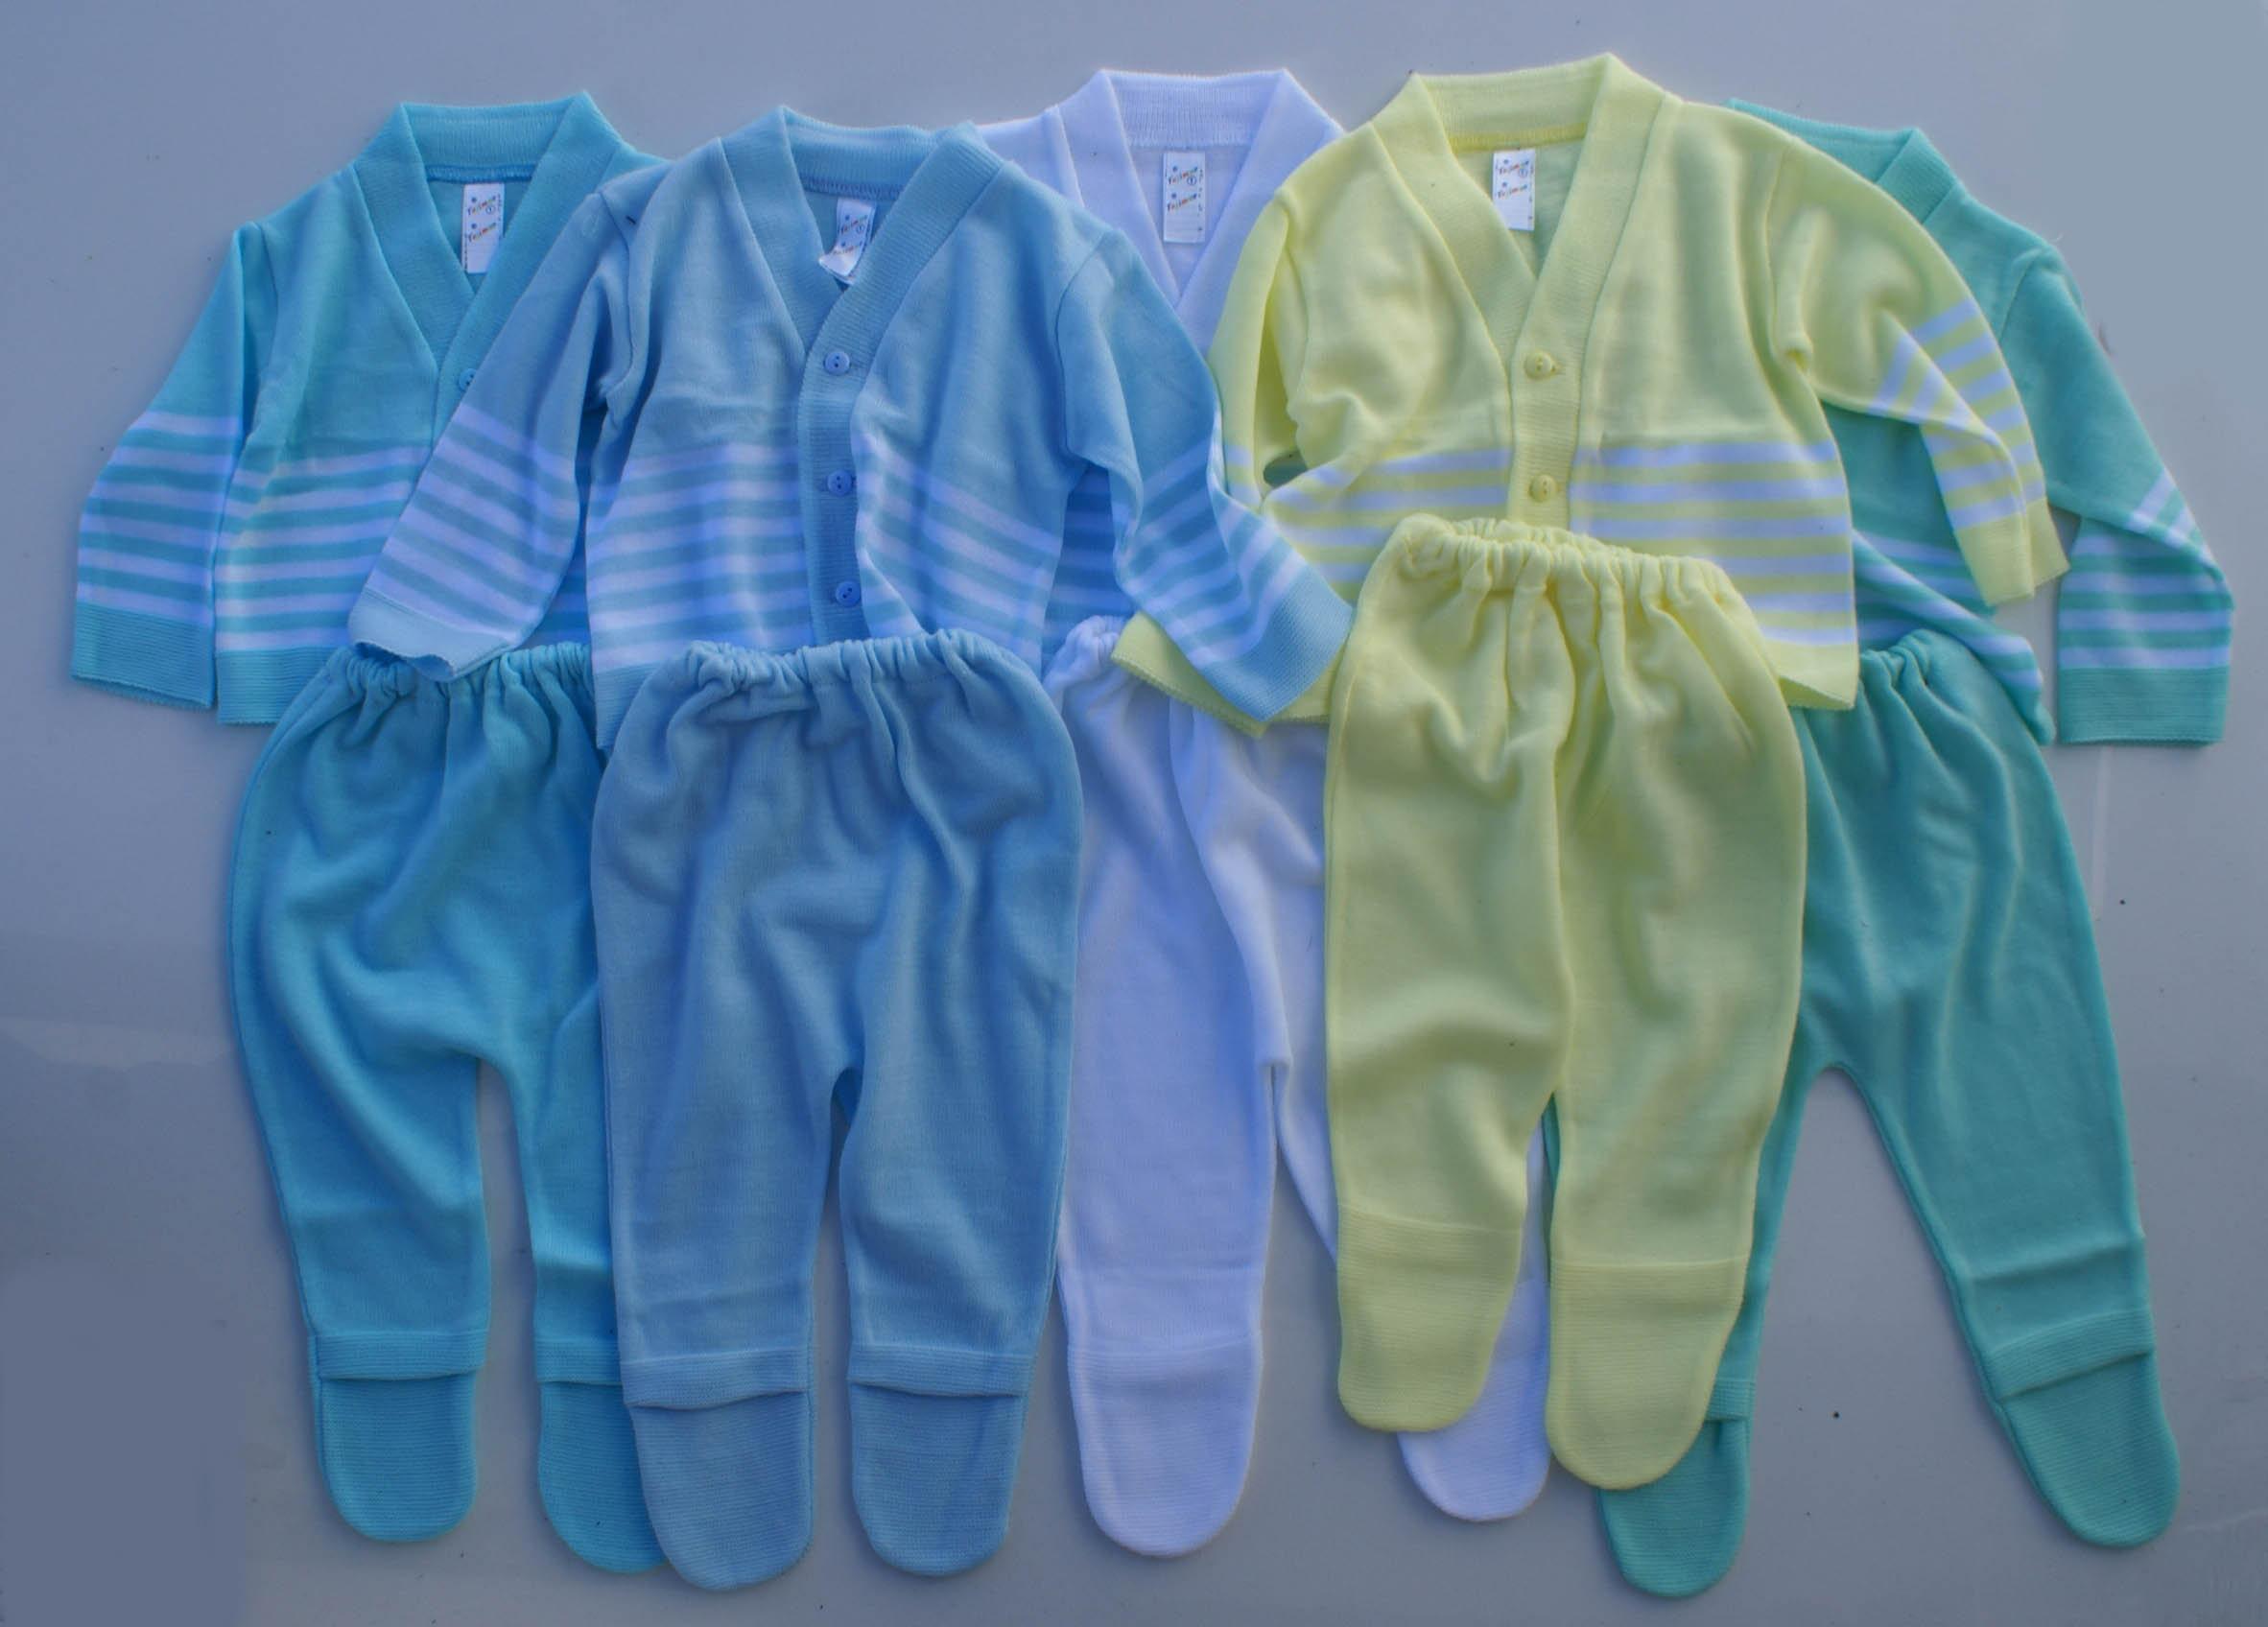 Conjuntos de la ropa para bebes de hilo acrilico camiseta y pantalon ... 9ecbf9dc484d